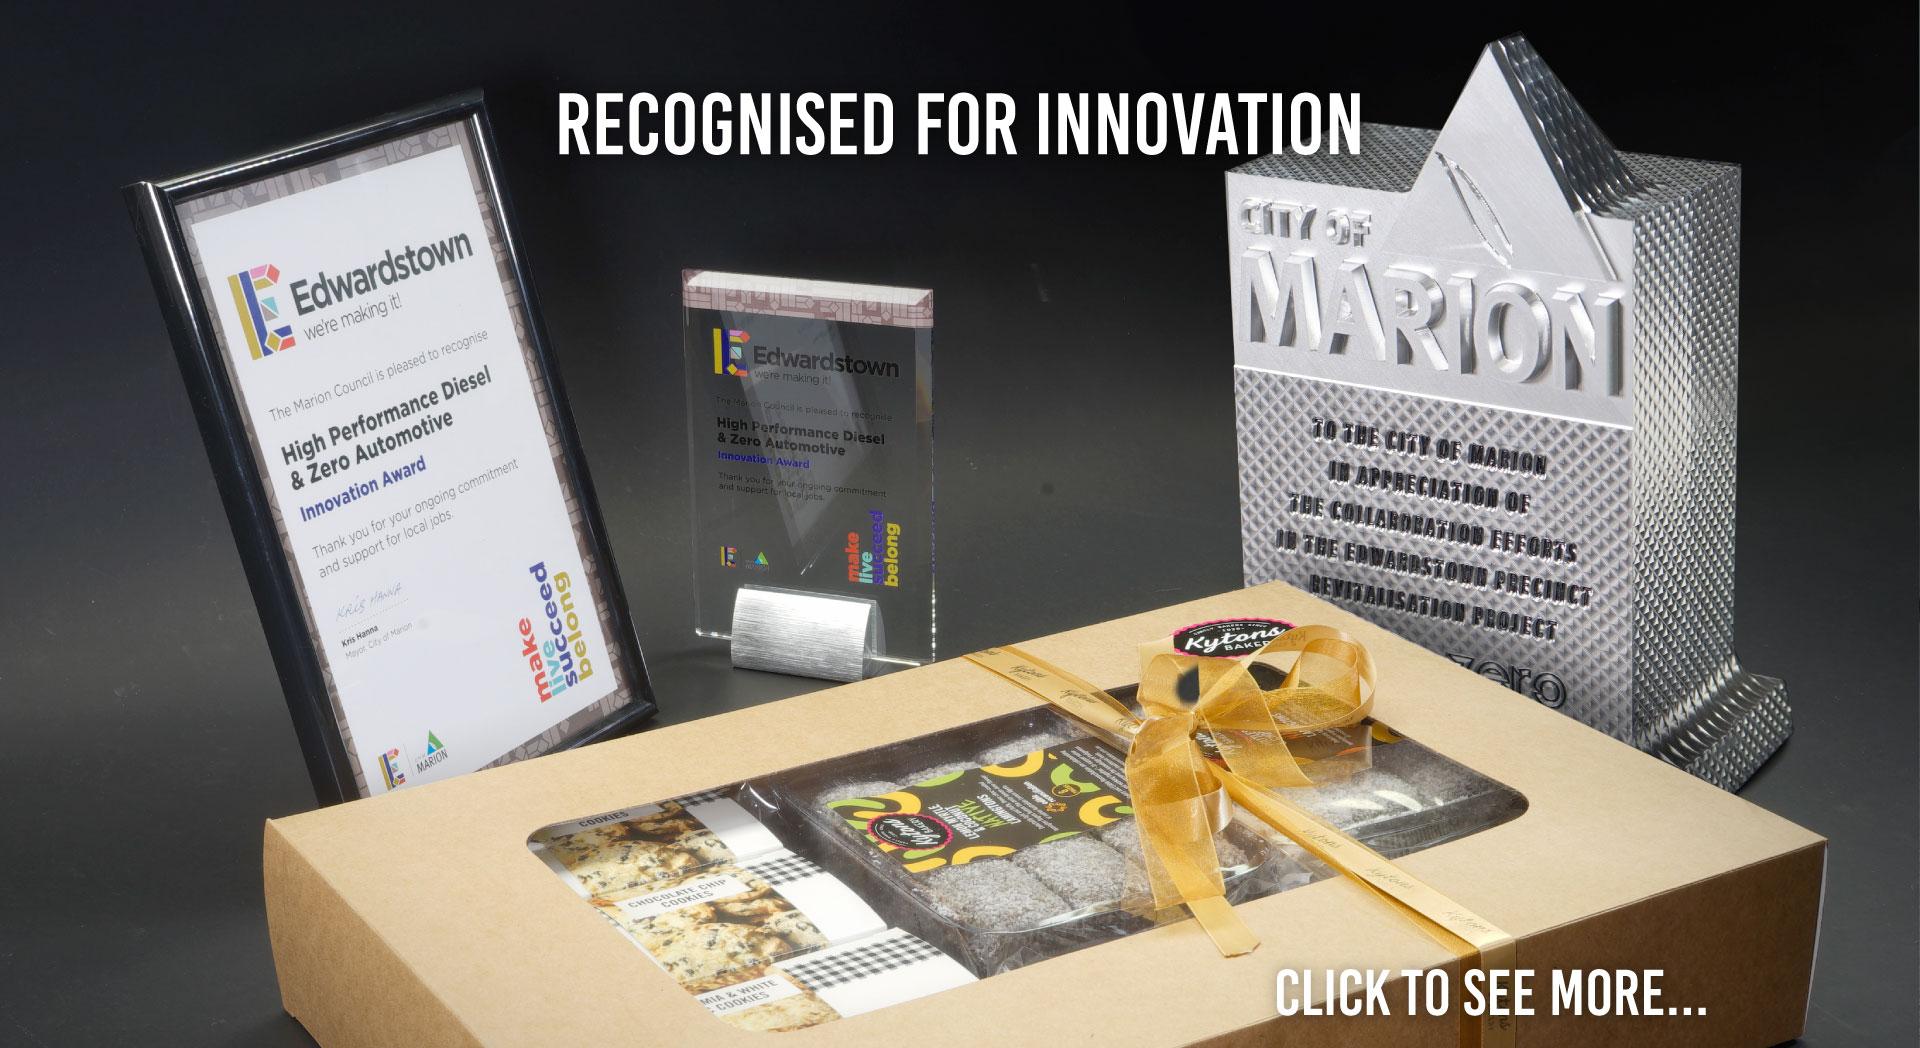 David Mitchell Receives Innovation Award